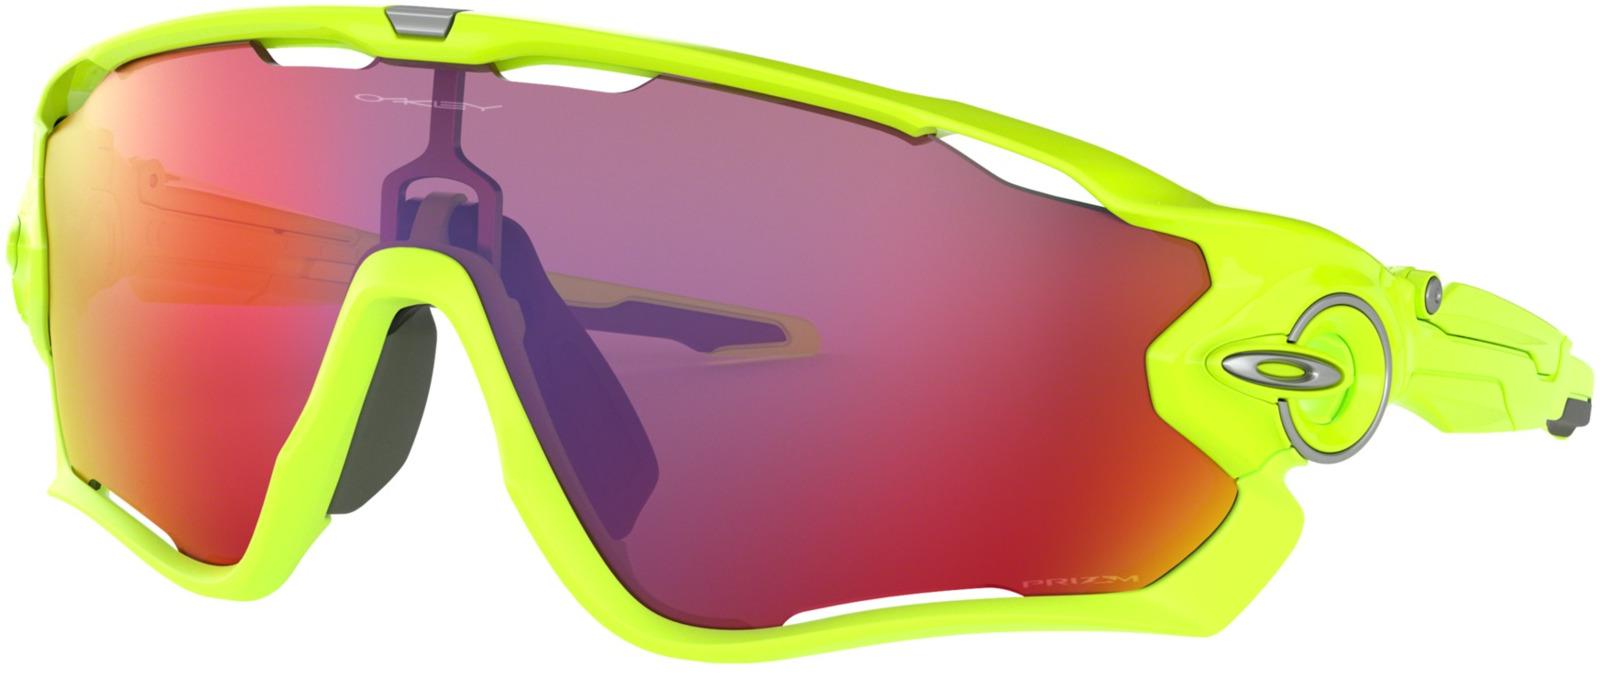 цена на Велосипедные очки Oakley Jawbreaker Retina, цвет: зеленый, розовый